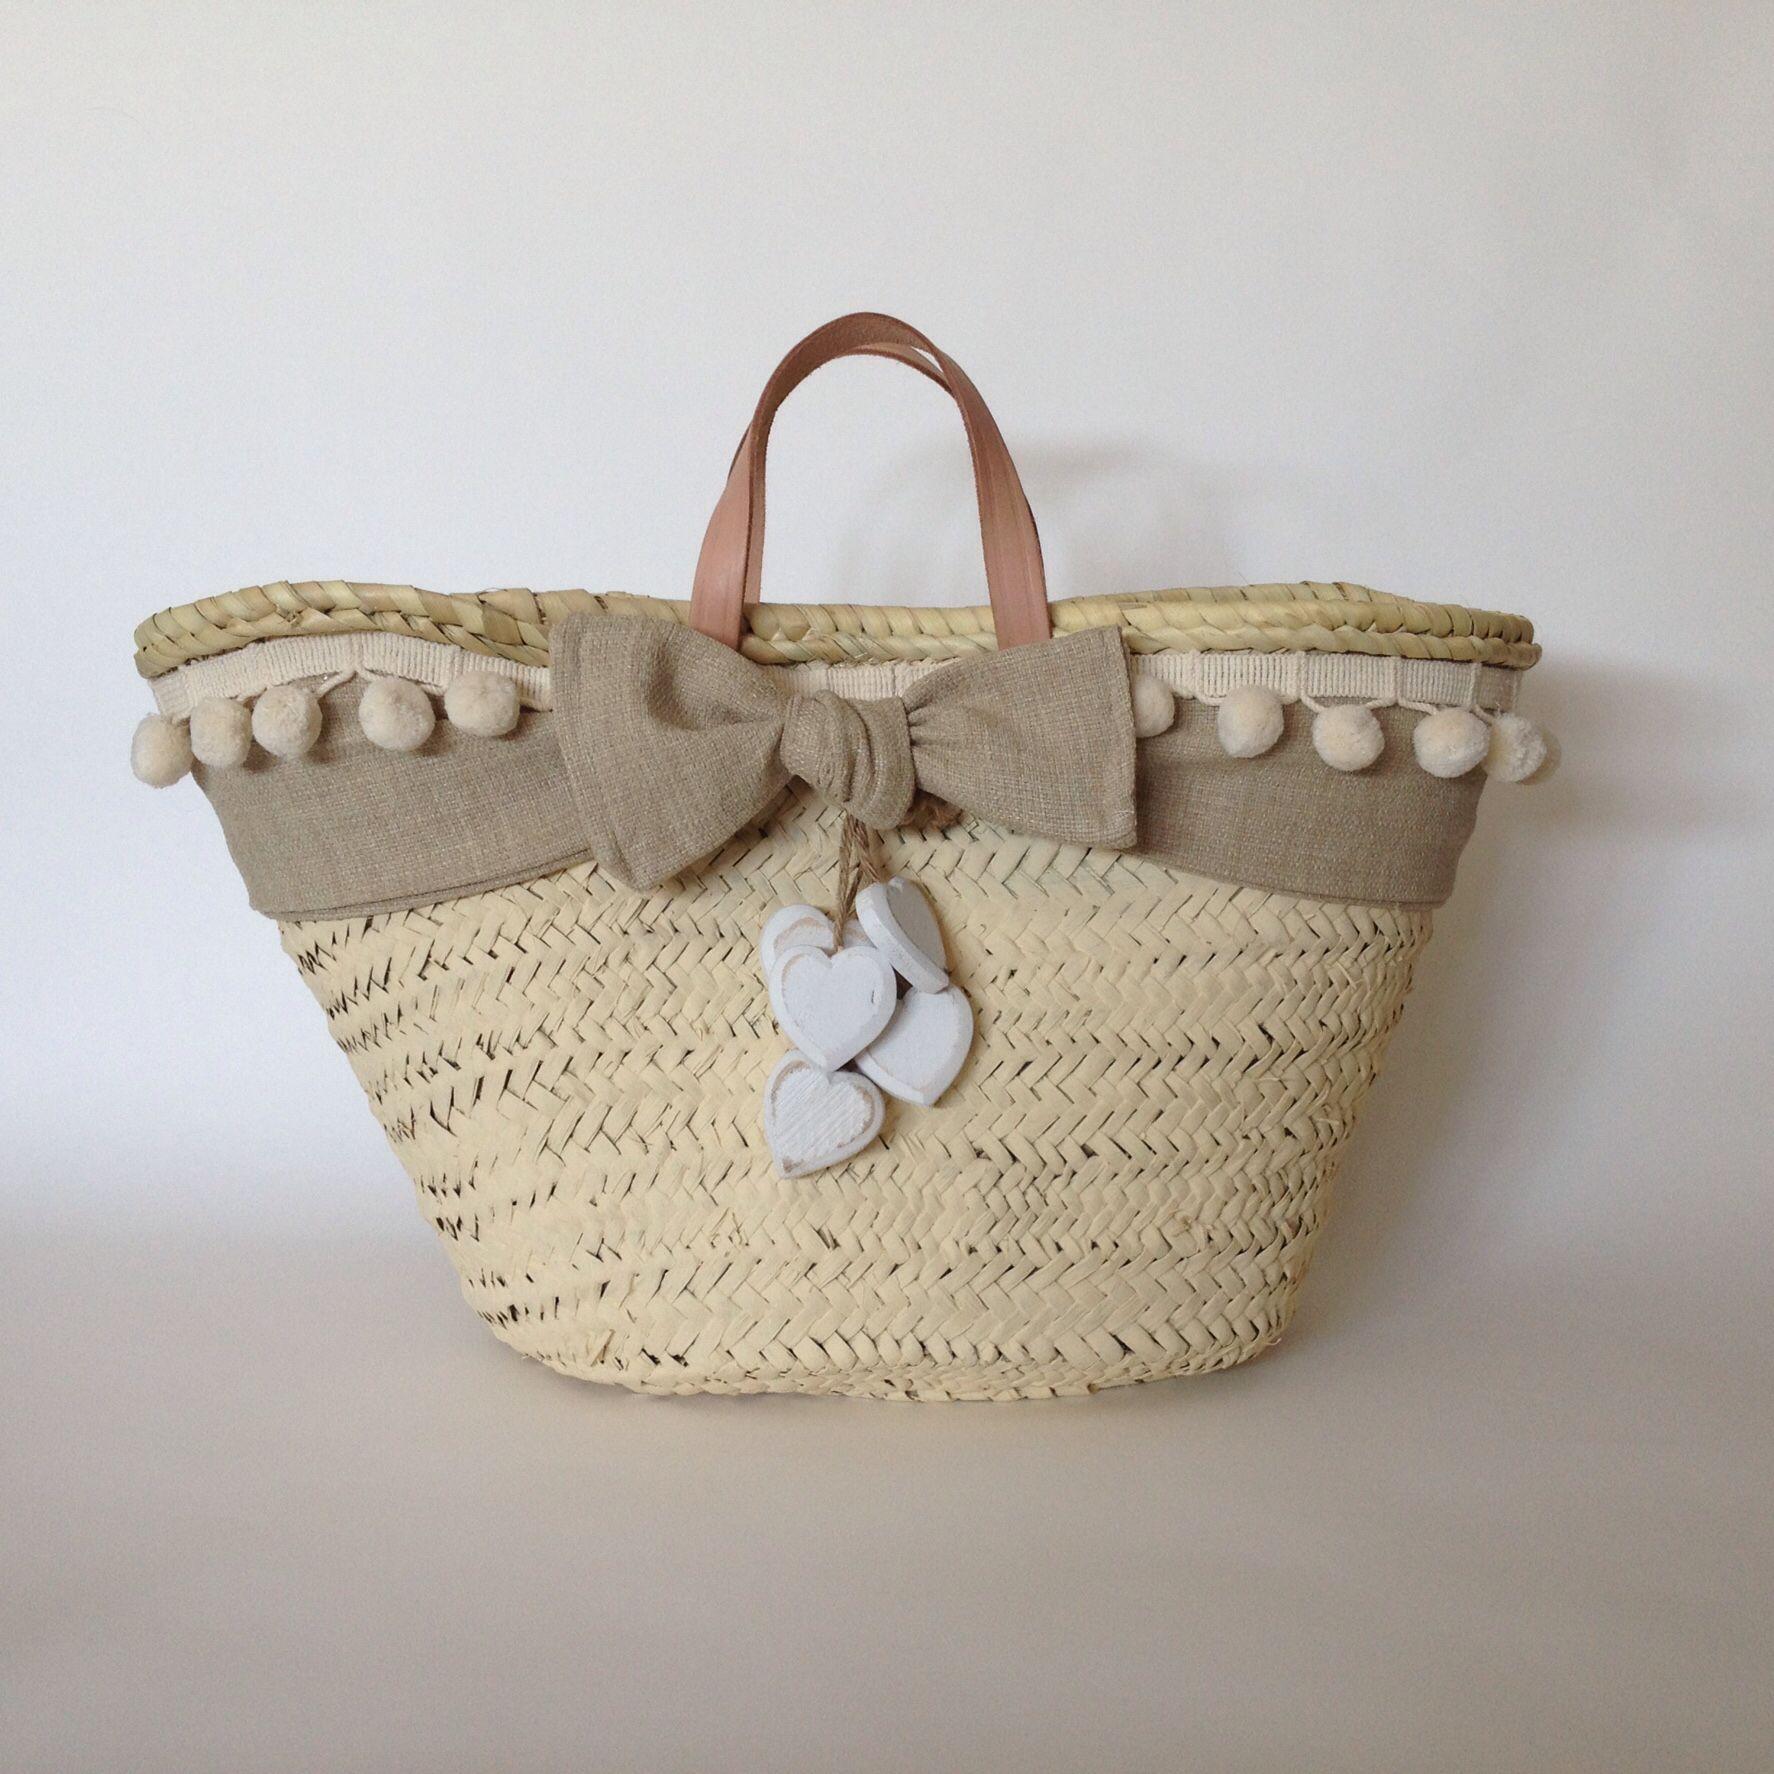 Capazo clara pintado y decorado por cuqui miluki bolsos capazos cestas bolsas y alcofas - Capazo mimbre playa ...